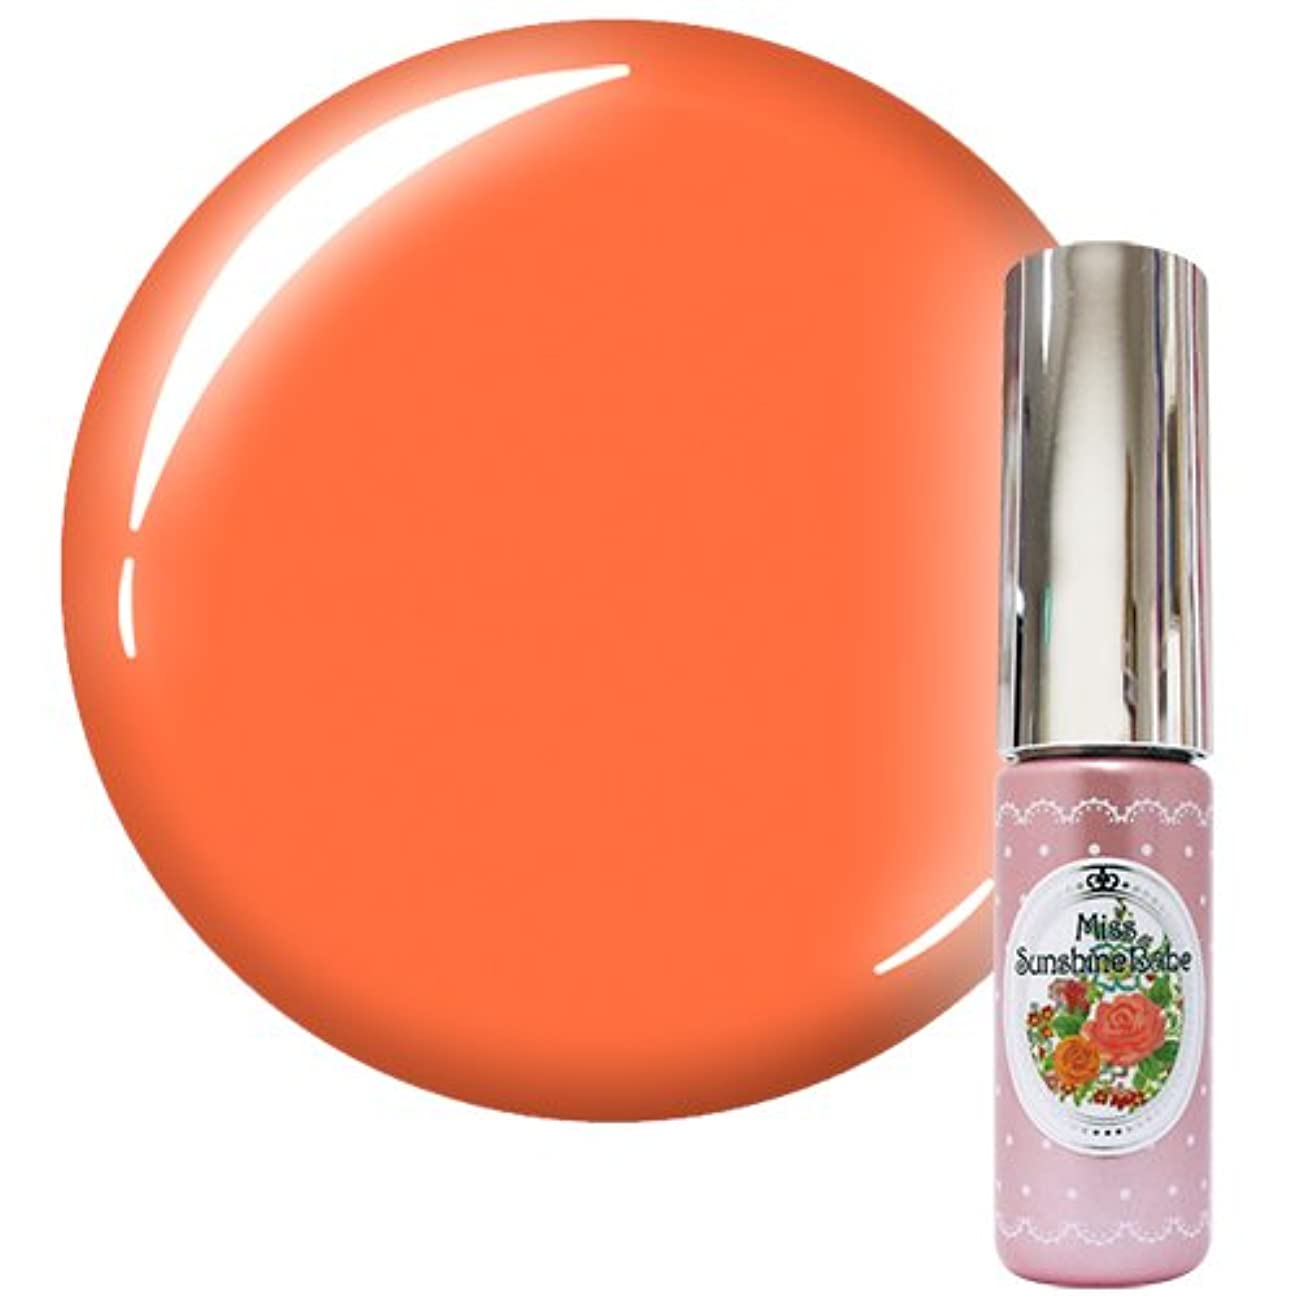 ファイル追記札入れMiss SunshineBabe ミス サンシャインベビー カラージェル MC-33 5g サマーパステルオレンジ